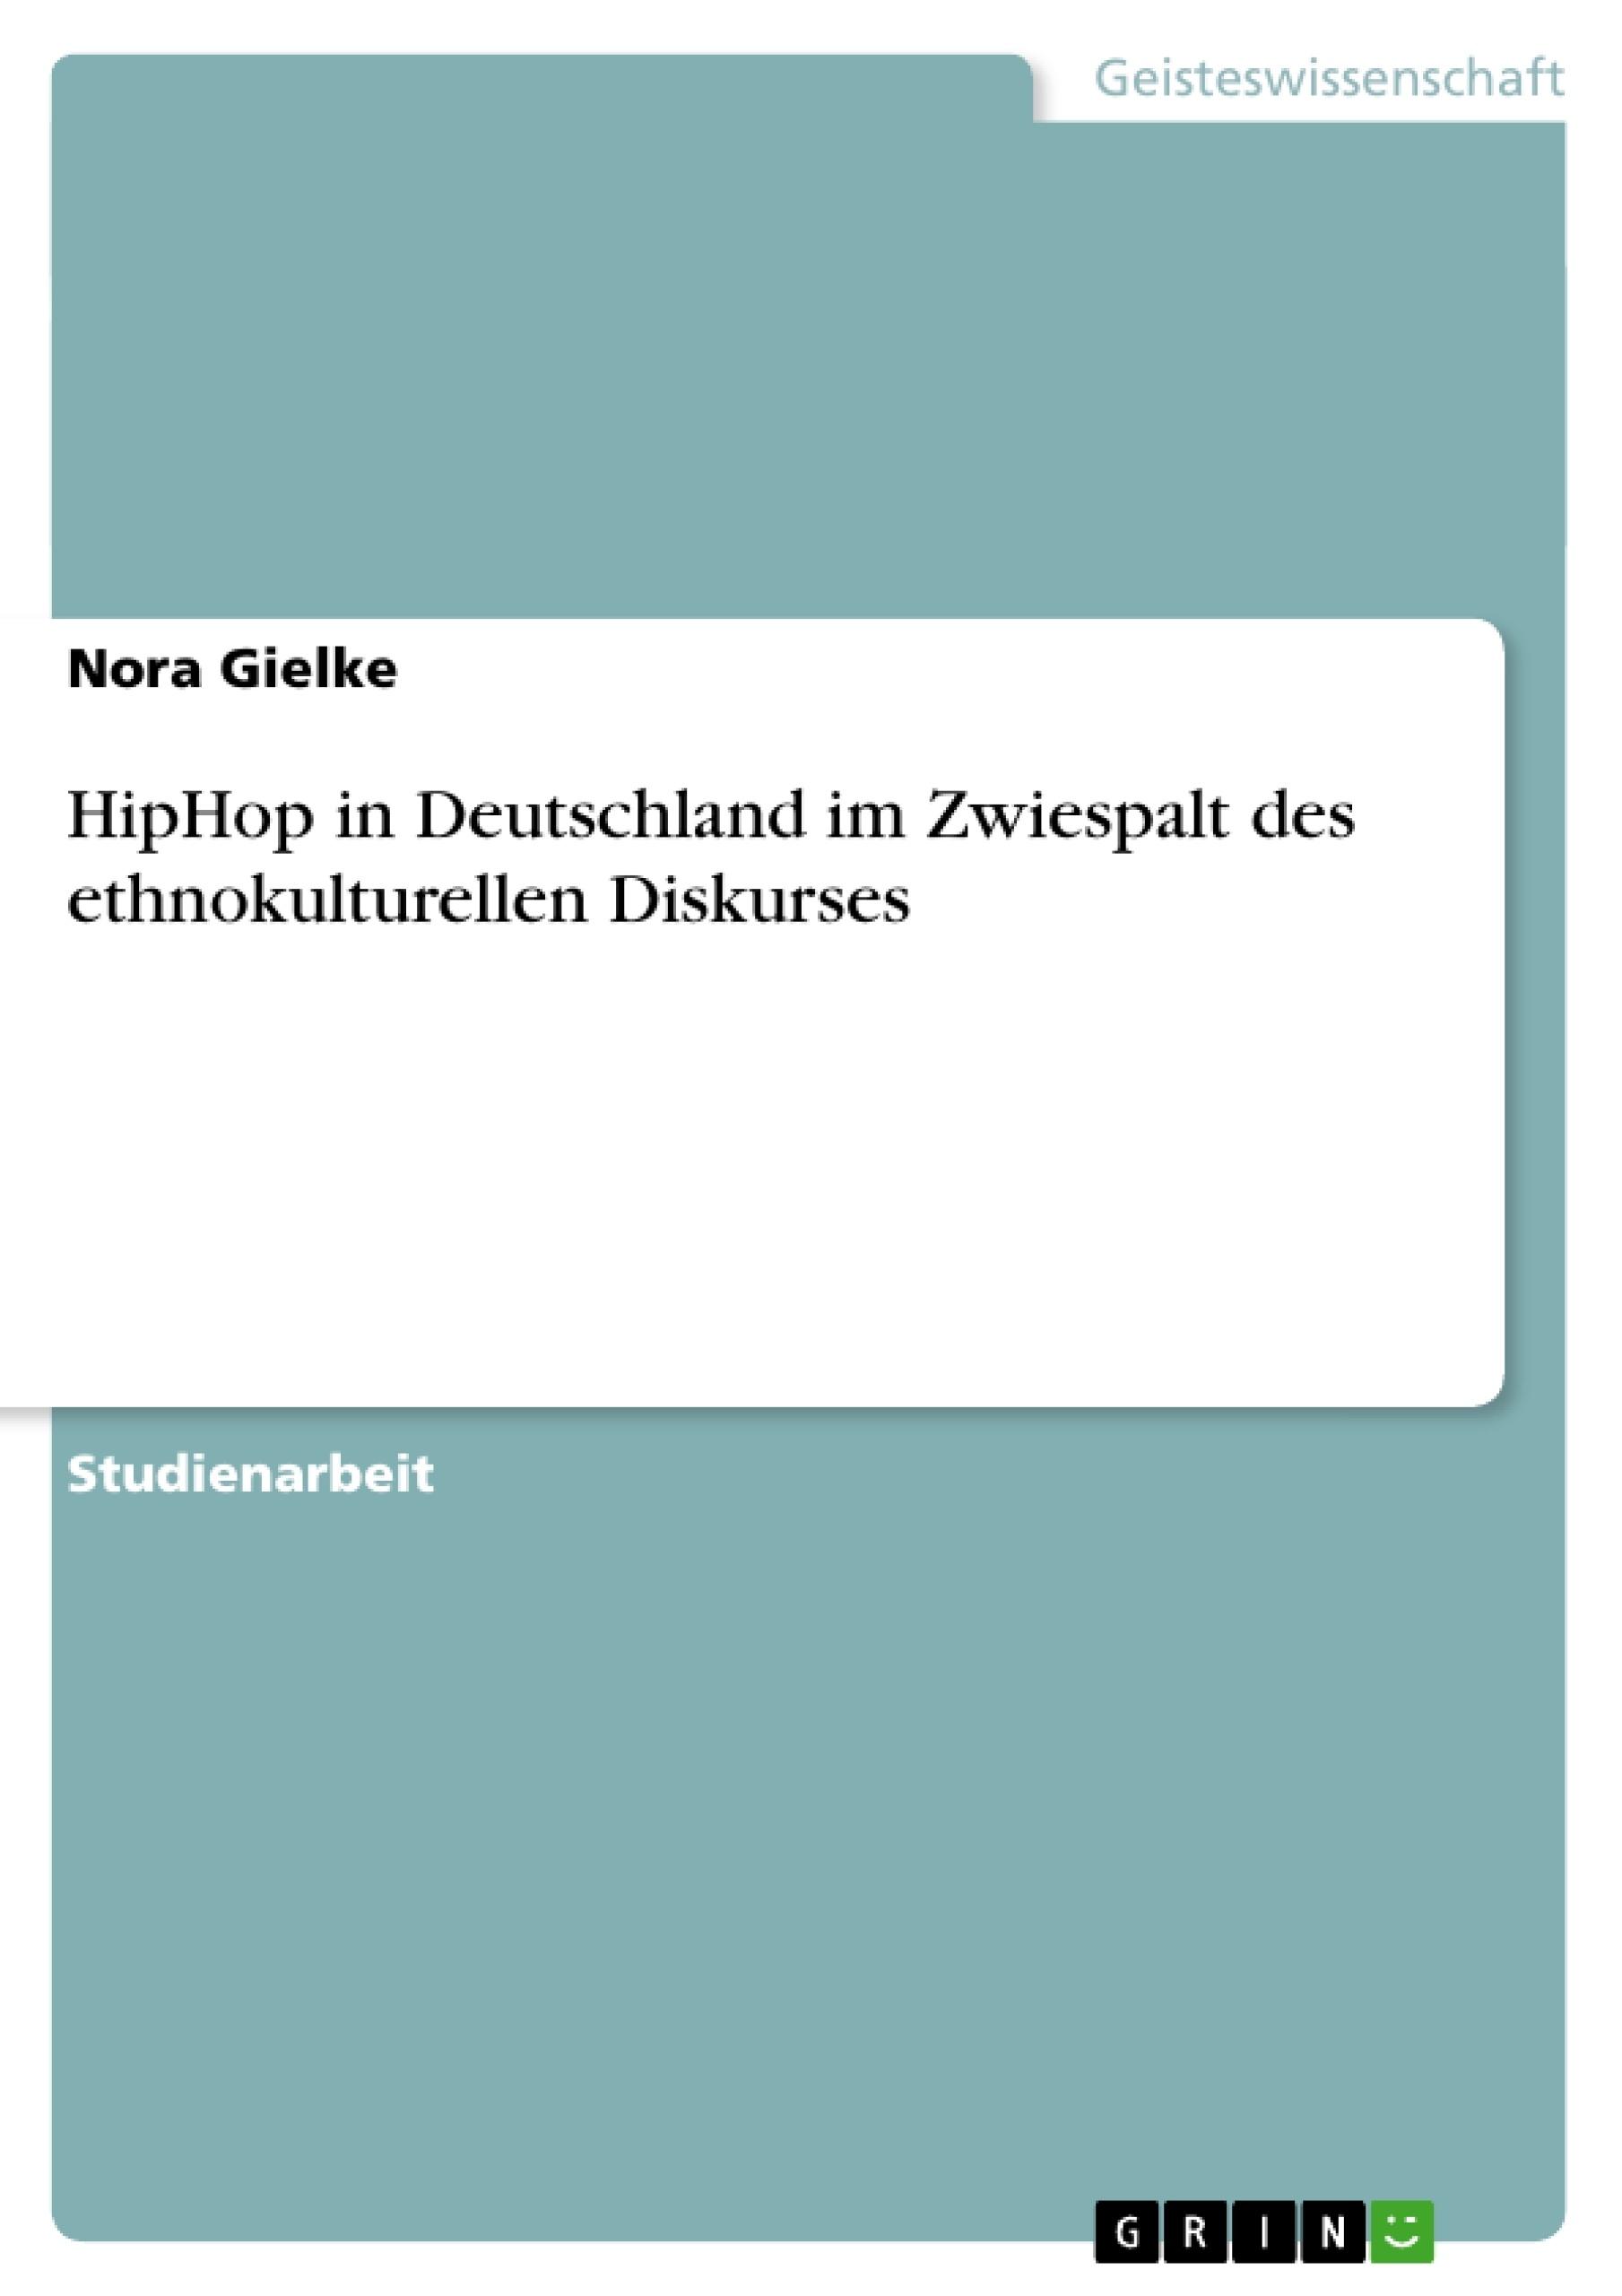 Titel: HipHop in Deutschland im Zwiespalt des ethnokulturellen Diskurses